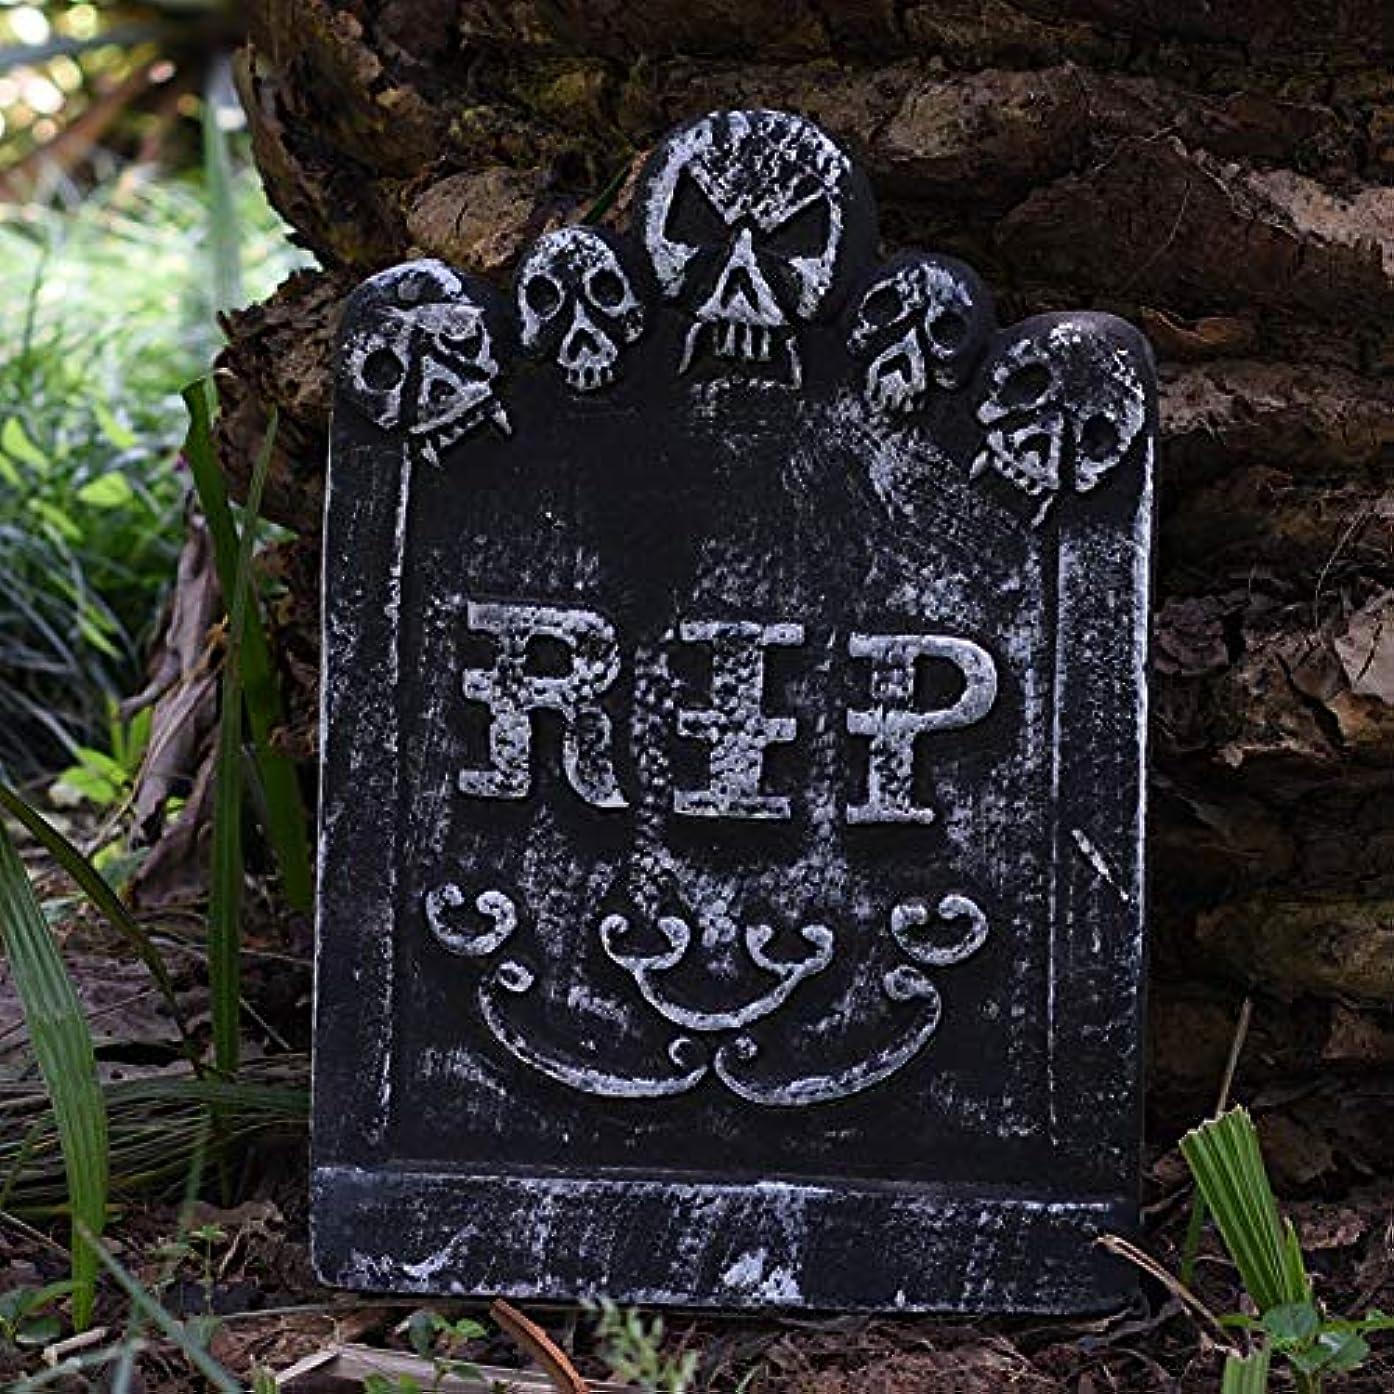 ボルト生産性ブランド名ETRRUU HOME ハロウィン墓の小道具ステレオ墓石お化け屋敷バールームエスケープタトゥーショップの装飾